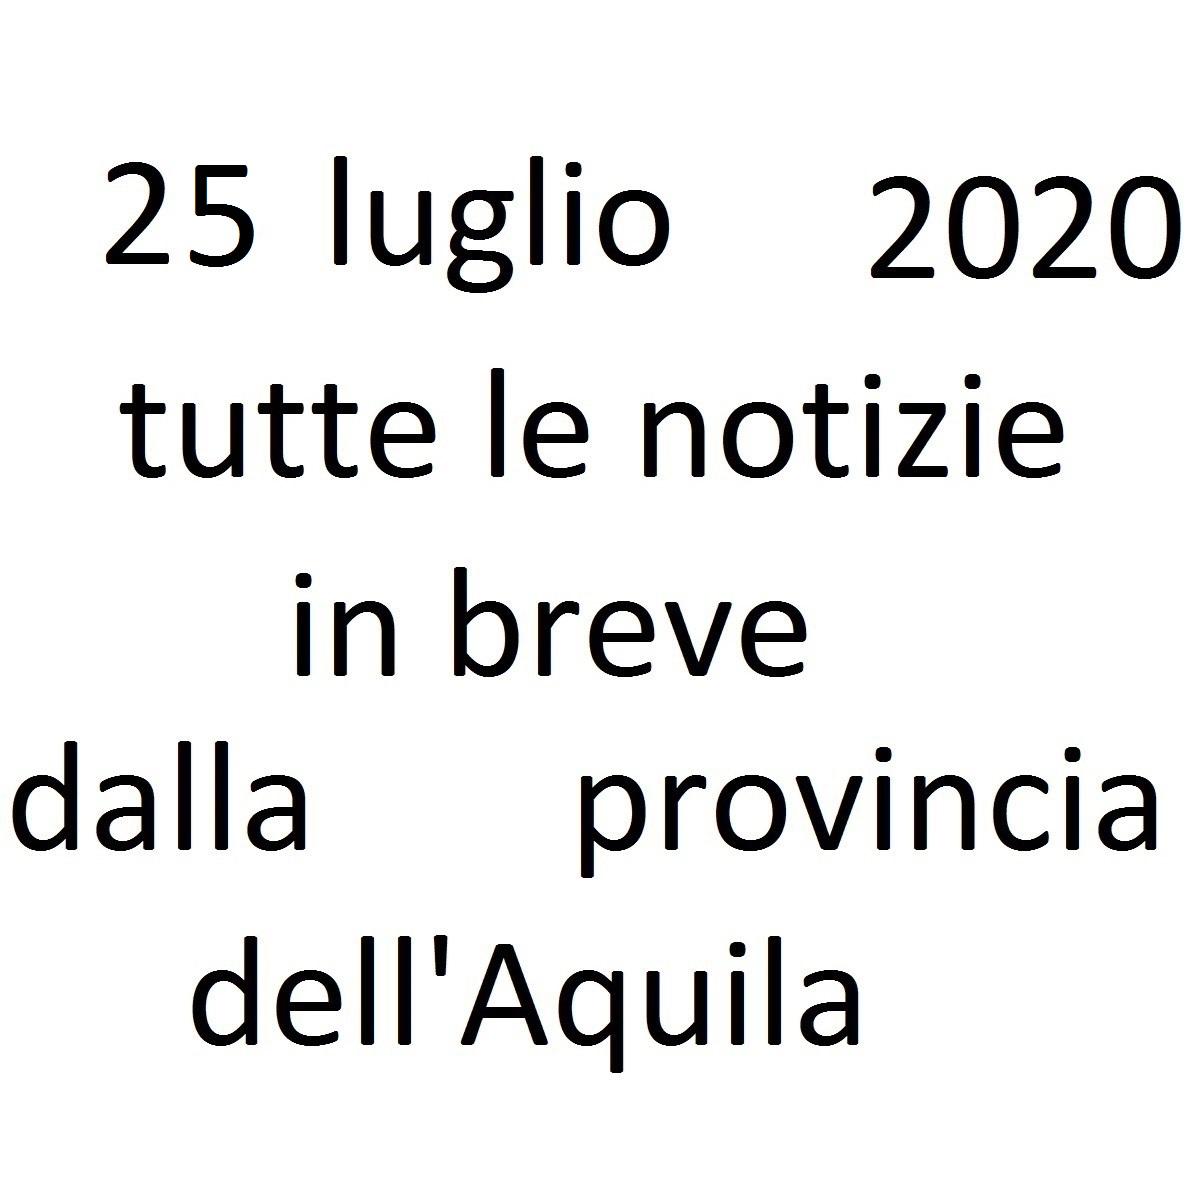 25 luglio 2020 notizie in breve dalla Provincia dell'Aquila foto